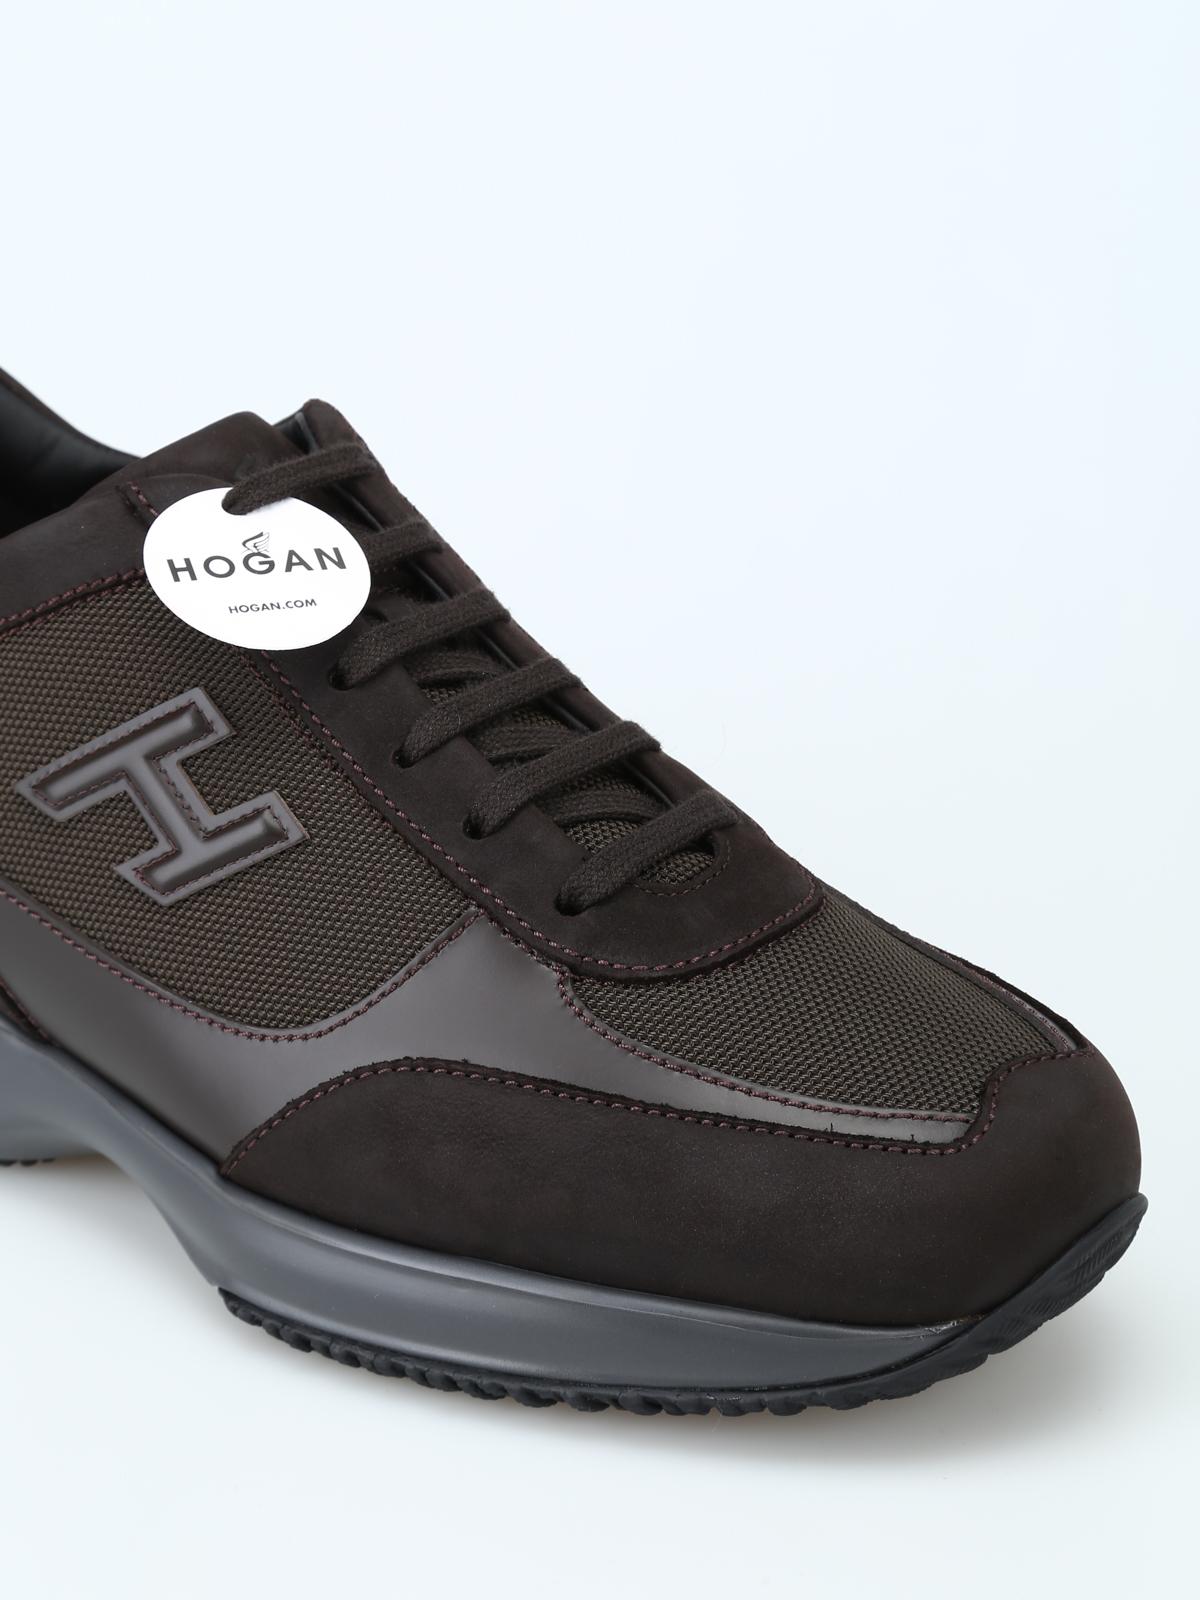 fcb3eb5cbe Hogan - New Interactive marroni in pelle e tessuto - sneakers ...